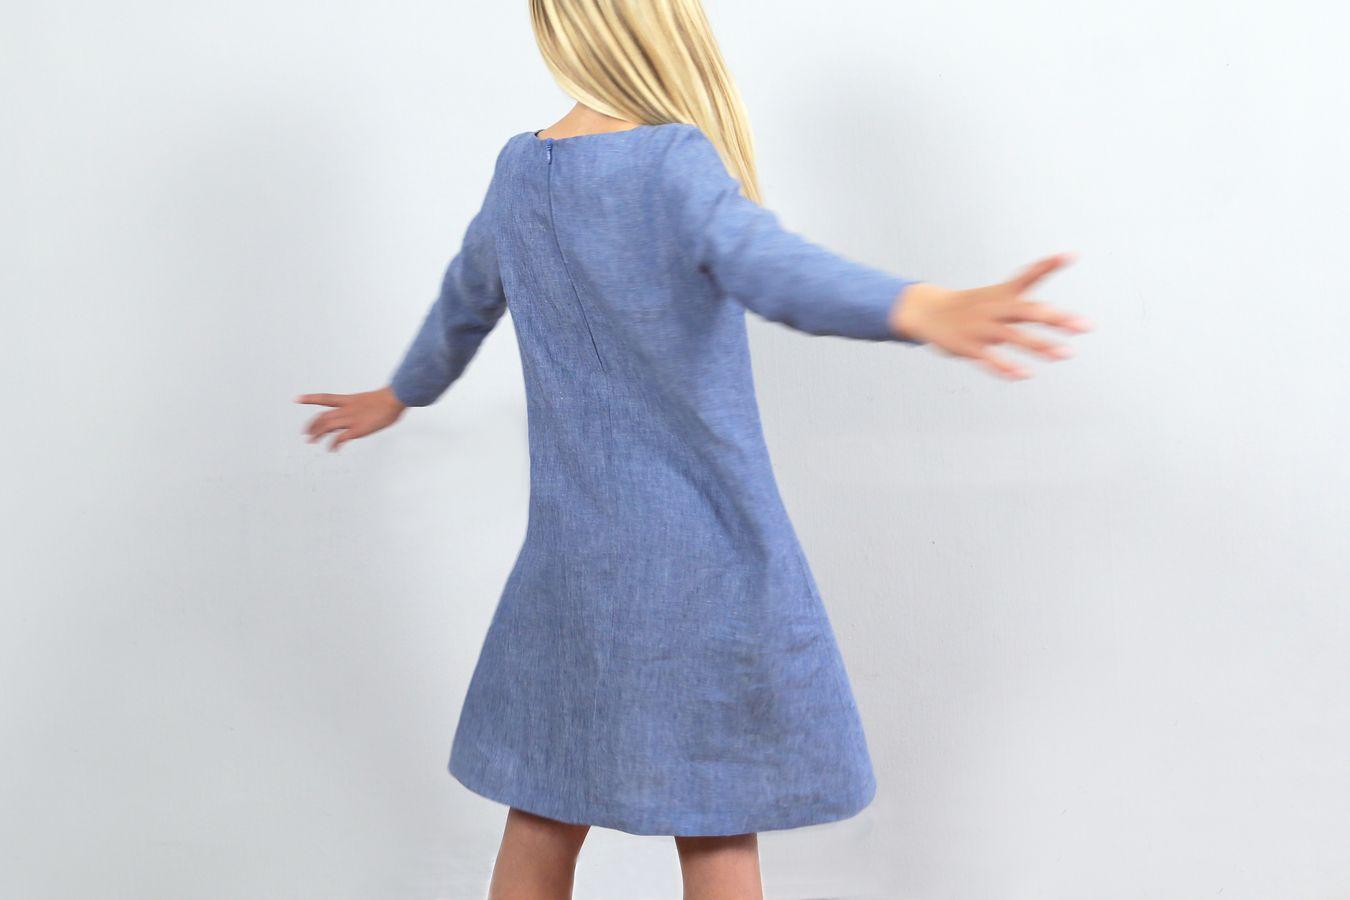 Produktfoto 9 von STUDIO SCHNITTREIF für Schnittmuster AMELAND und FRAU AMELAND • Kleider im Partnerlook,  e-book Kombi